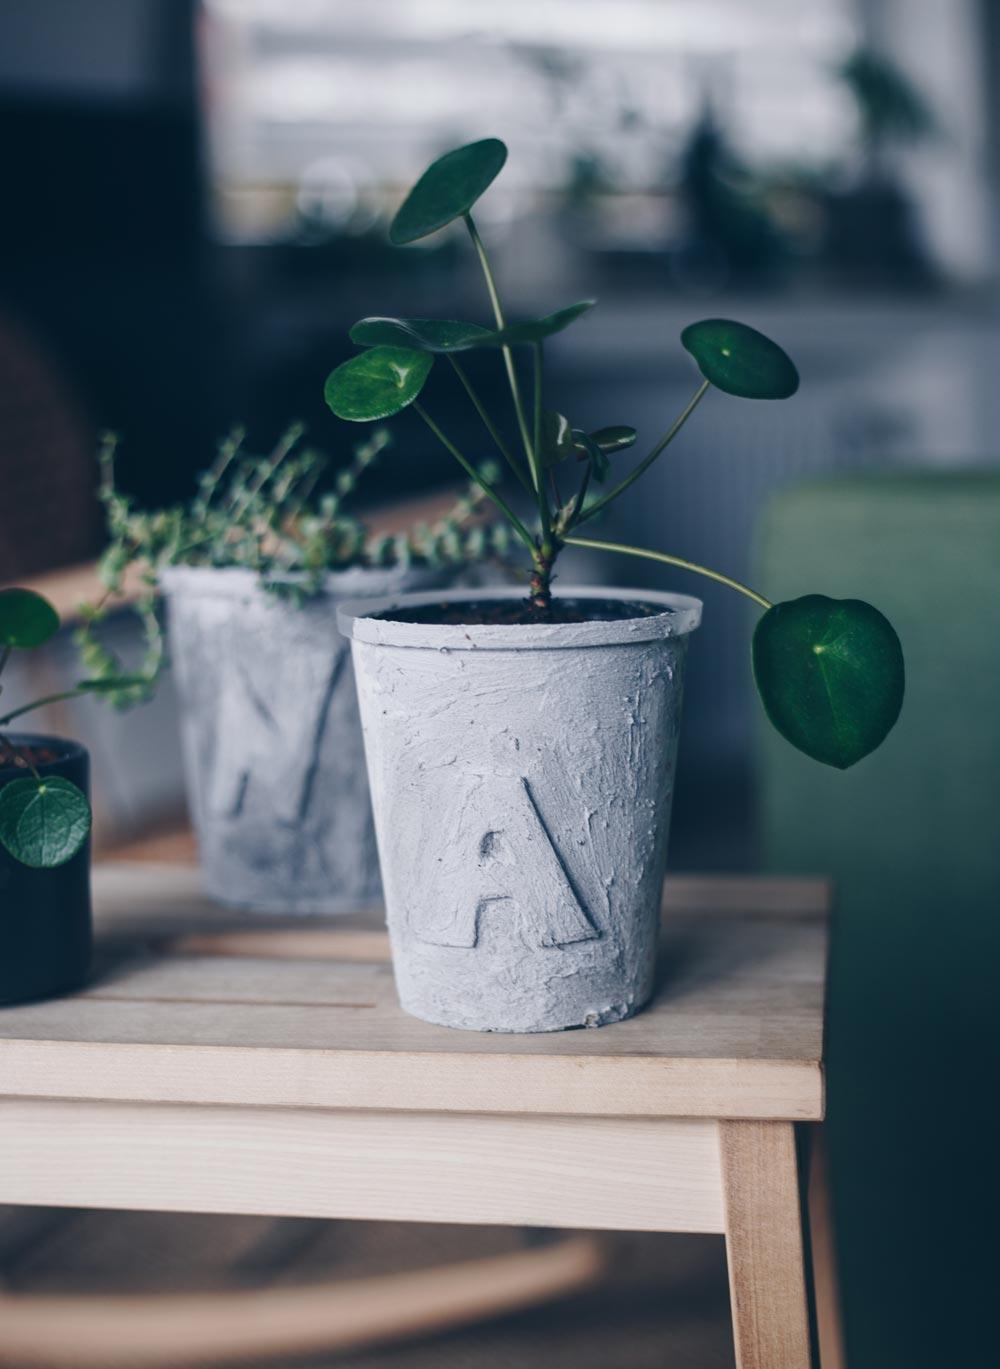 DIY Blumentopf in Betonoptik mit Buchstaben selbermachen - einfaches DIY Upcycling Tutorial